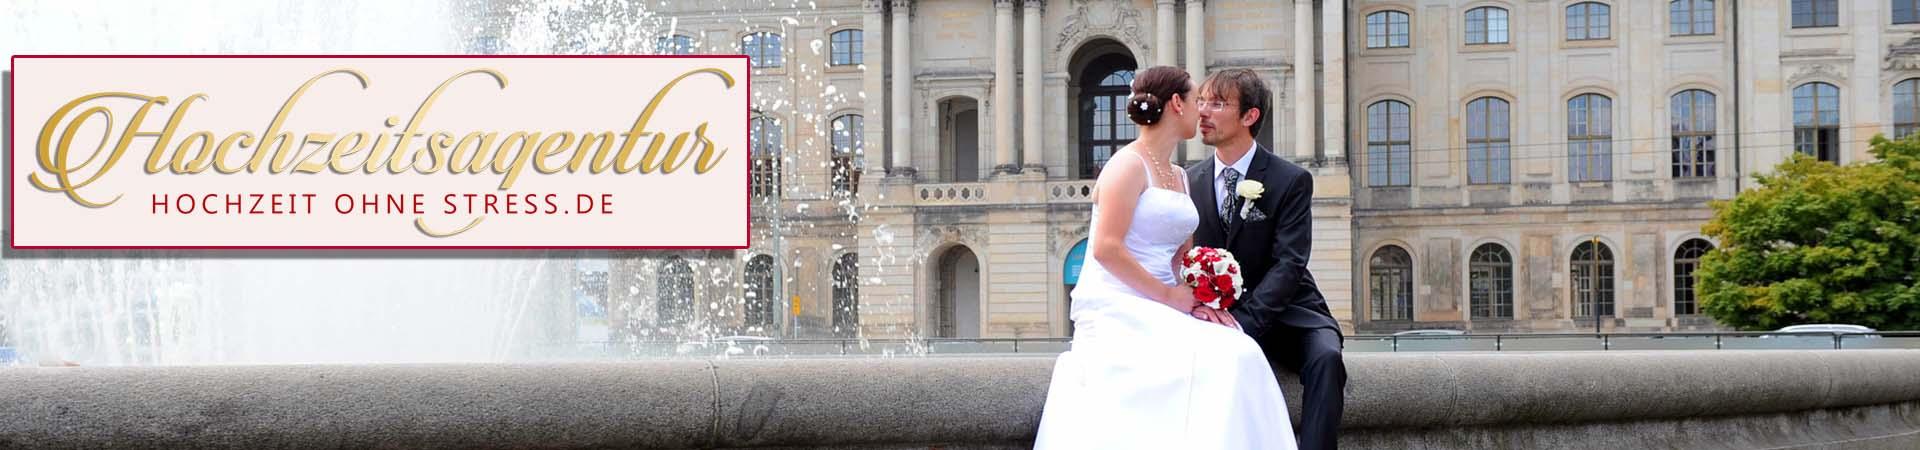 Hochzeitsplaner-Dresden-Hochzeitsagentur-HochzeitOhneStress-Bild06b